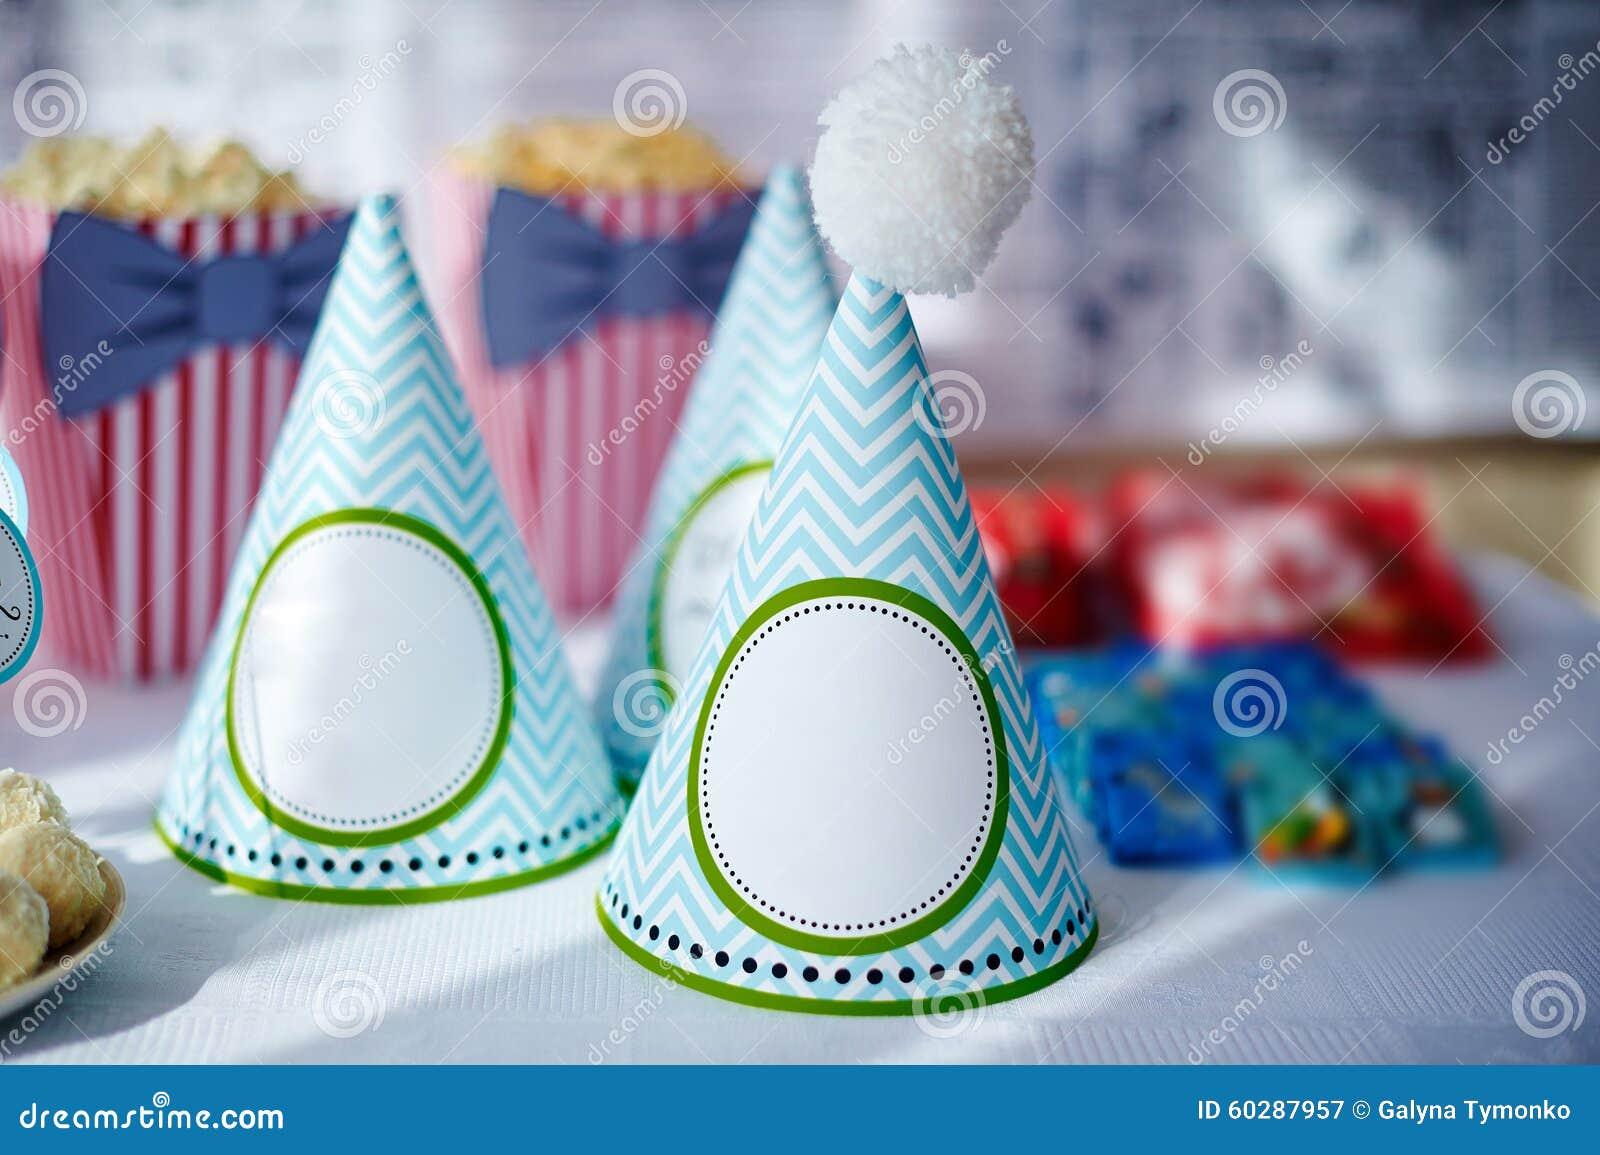 Decorazioni Da Tavolo Per Compleanno : Regolazione festiva della tavola per il compleanno sulle